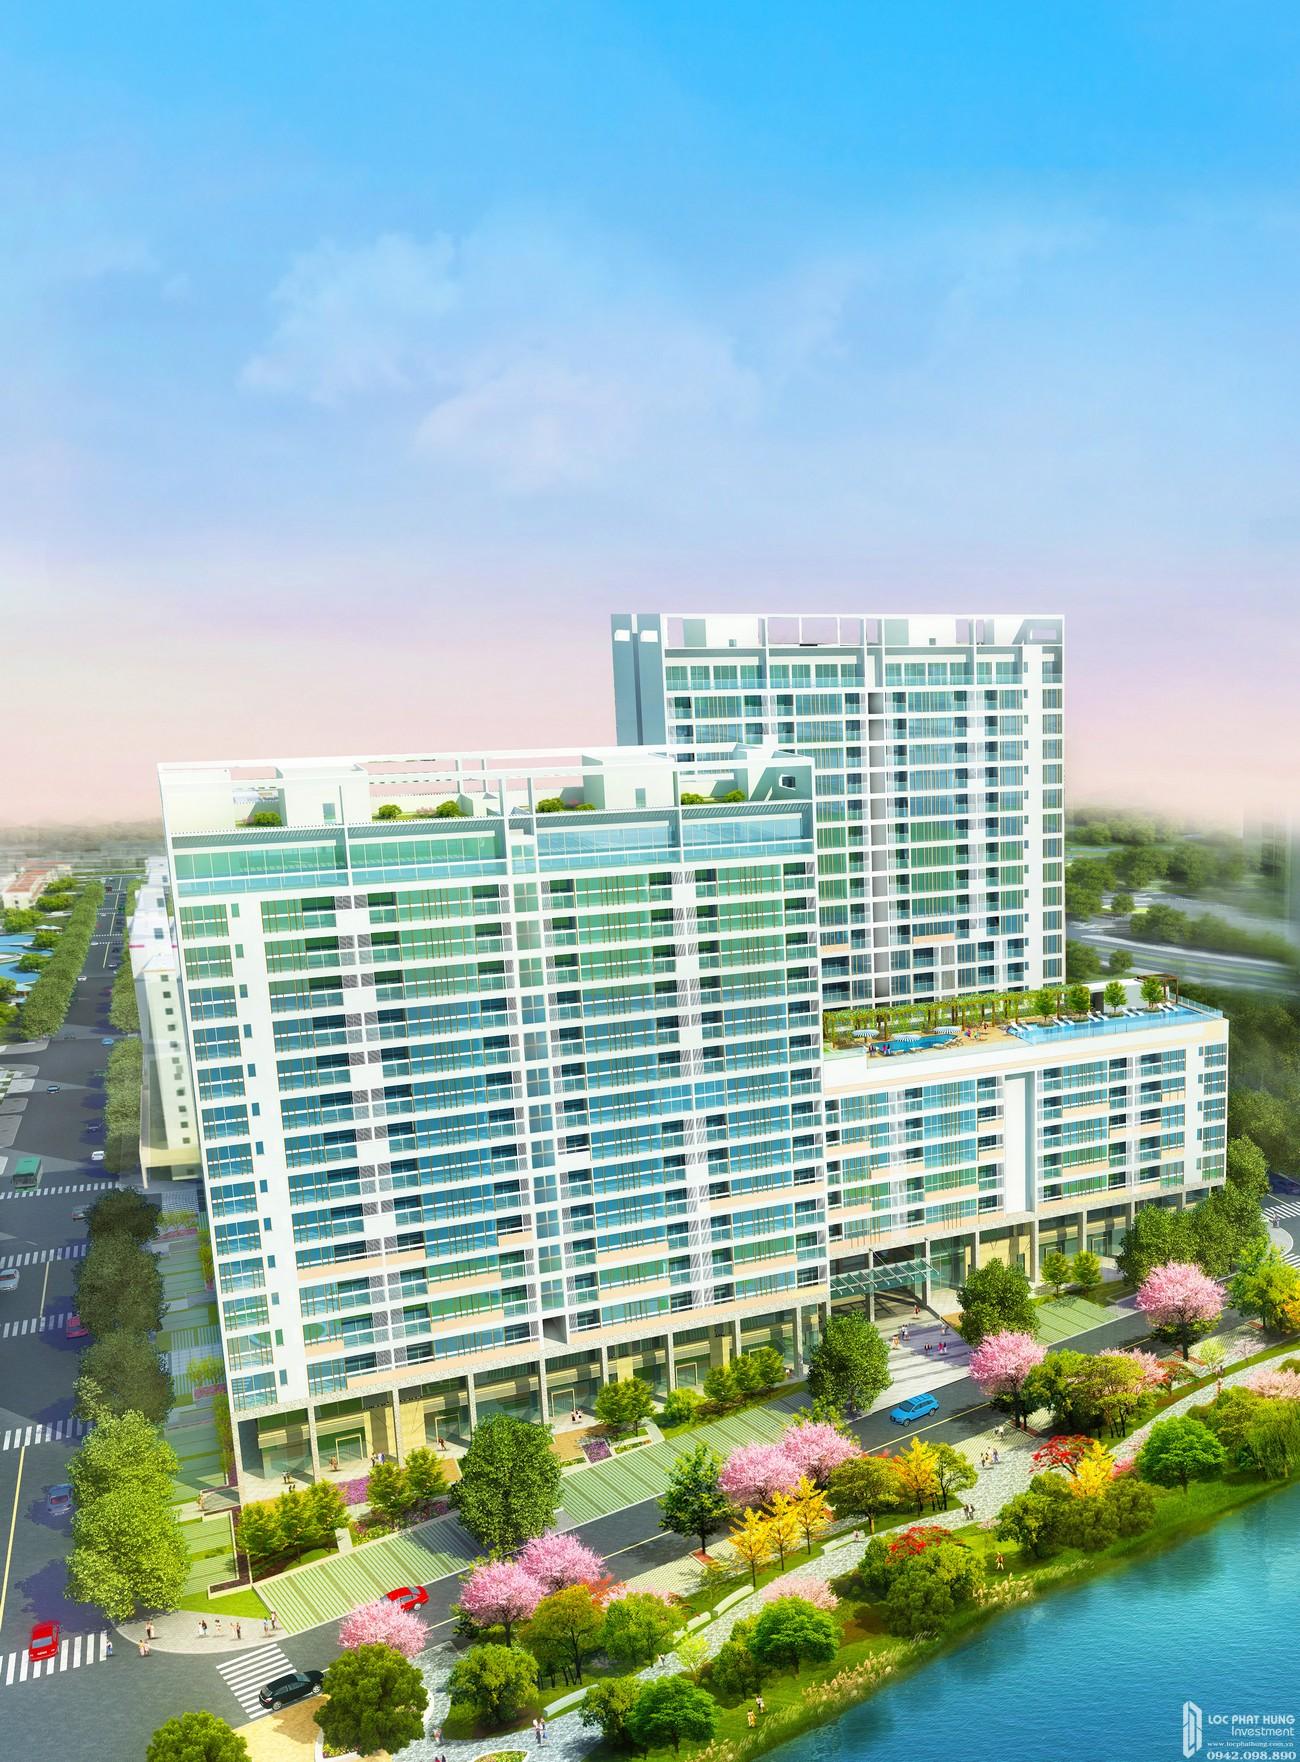 Phối cảnh tổng thể dự án căn hộ chung cư The Symphony Phú Mỹ Hưng Quận 7 Đường Đường 16 chủ đầu tư Phú Mỹ Hưng